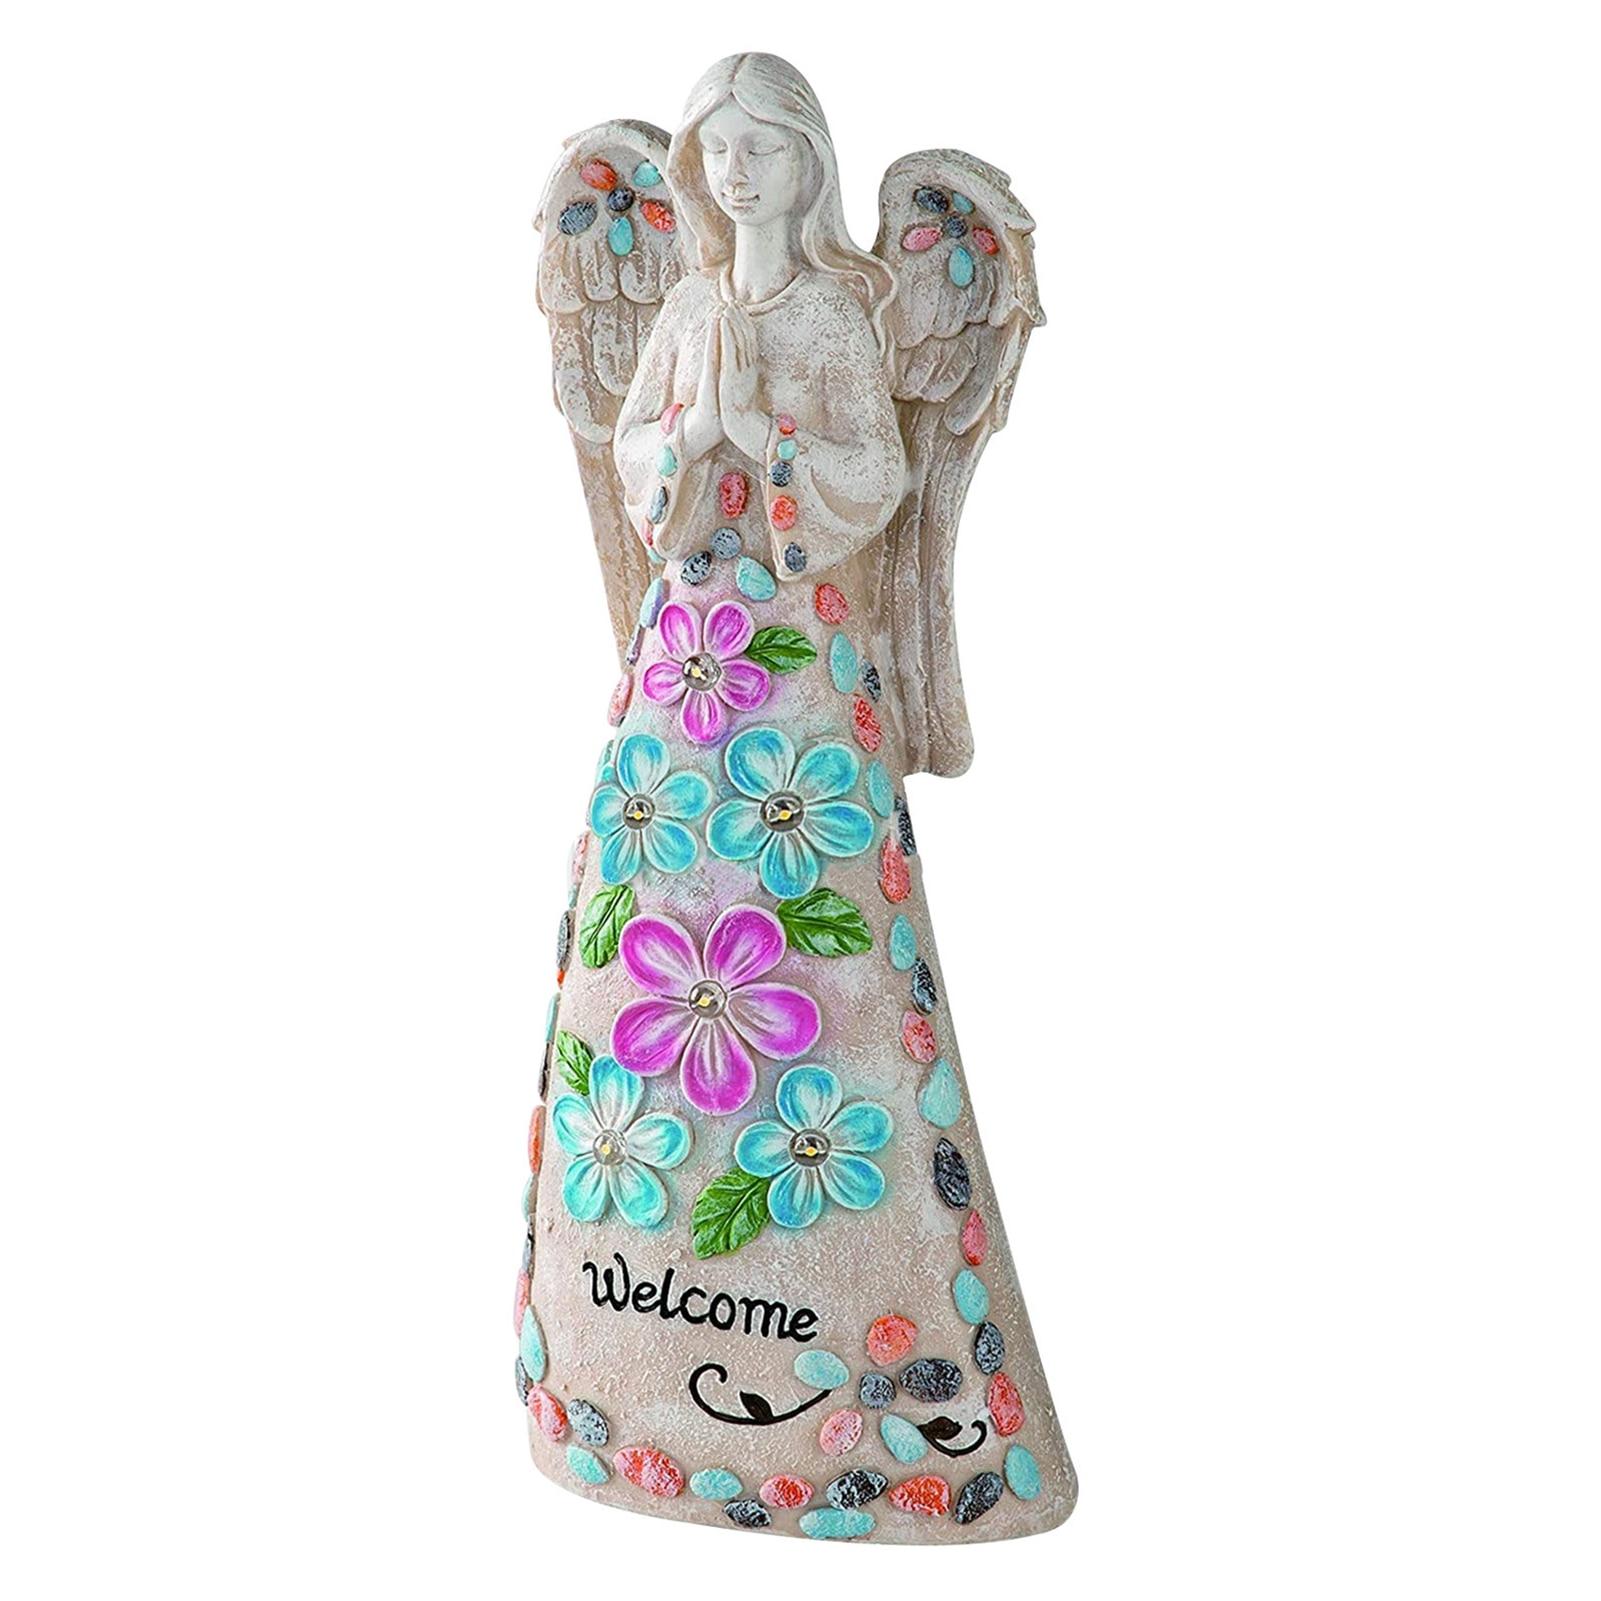 هدية في الهواء الطلق ساحة الفن الراتنج الشمسية النحت ديكور الباحة مع مصباح ليد في الحديقة تمثال ملاك حديقة تمثال علامة ترحيب